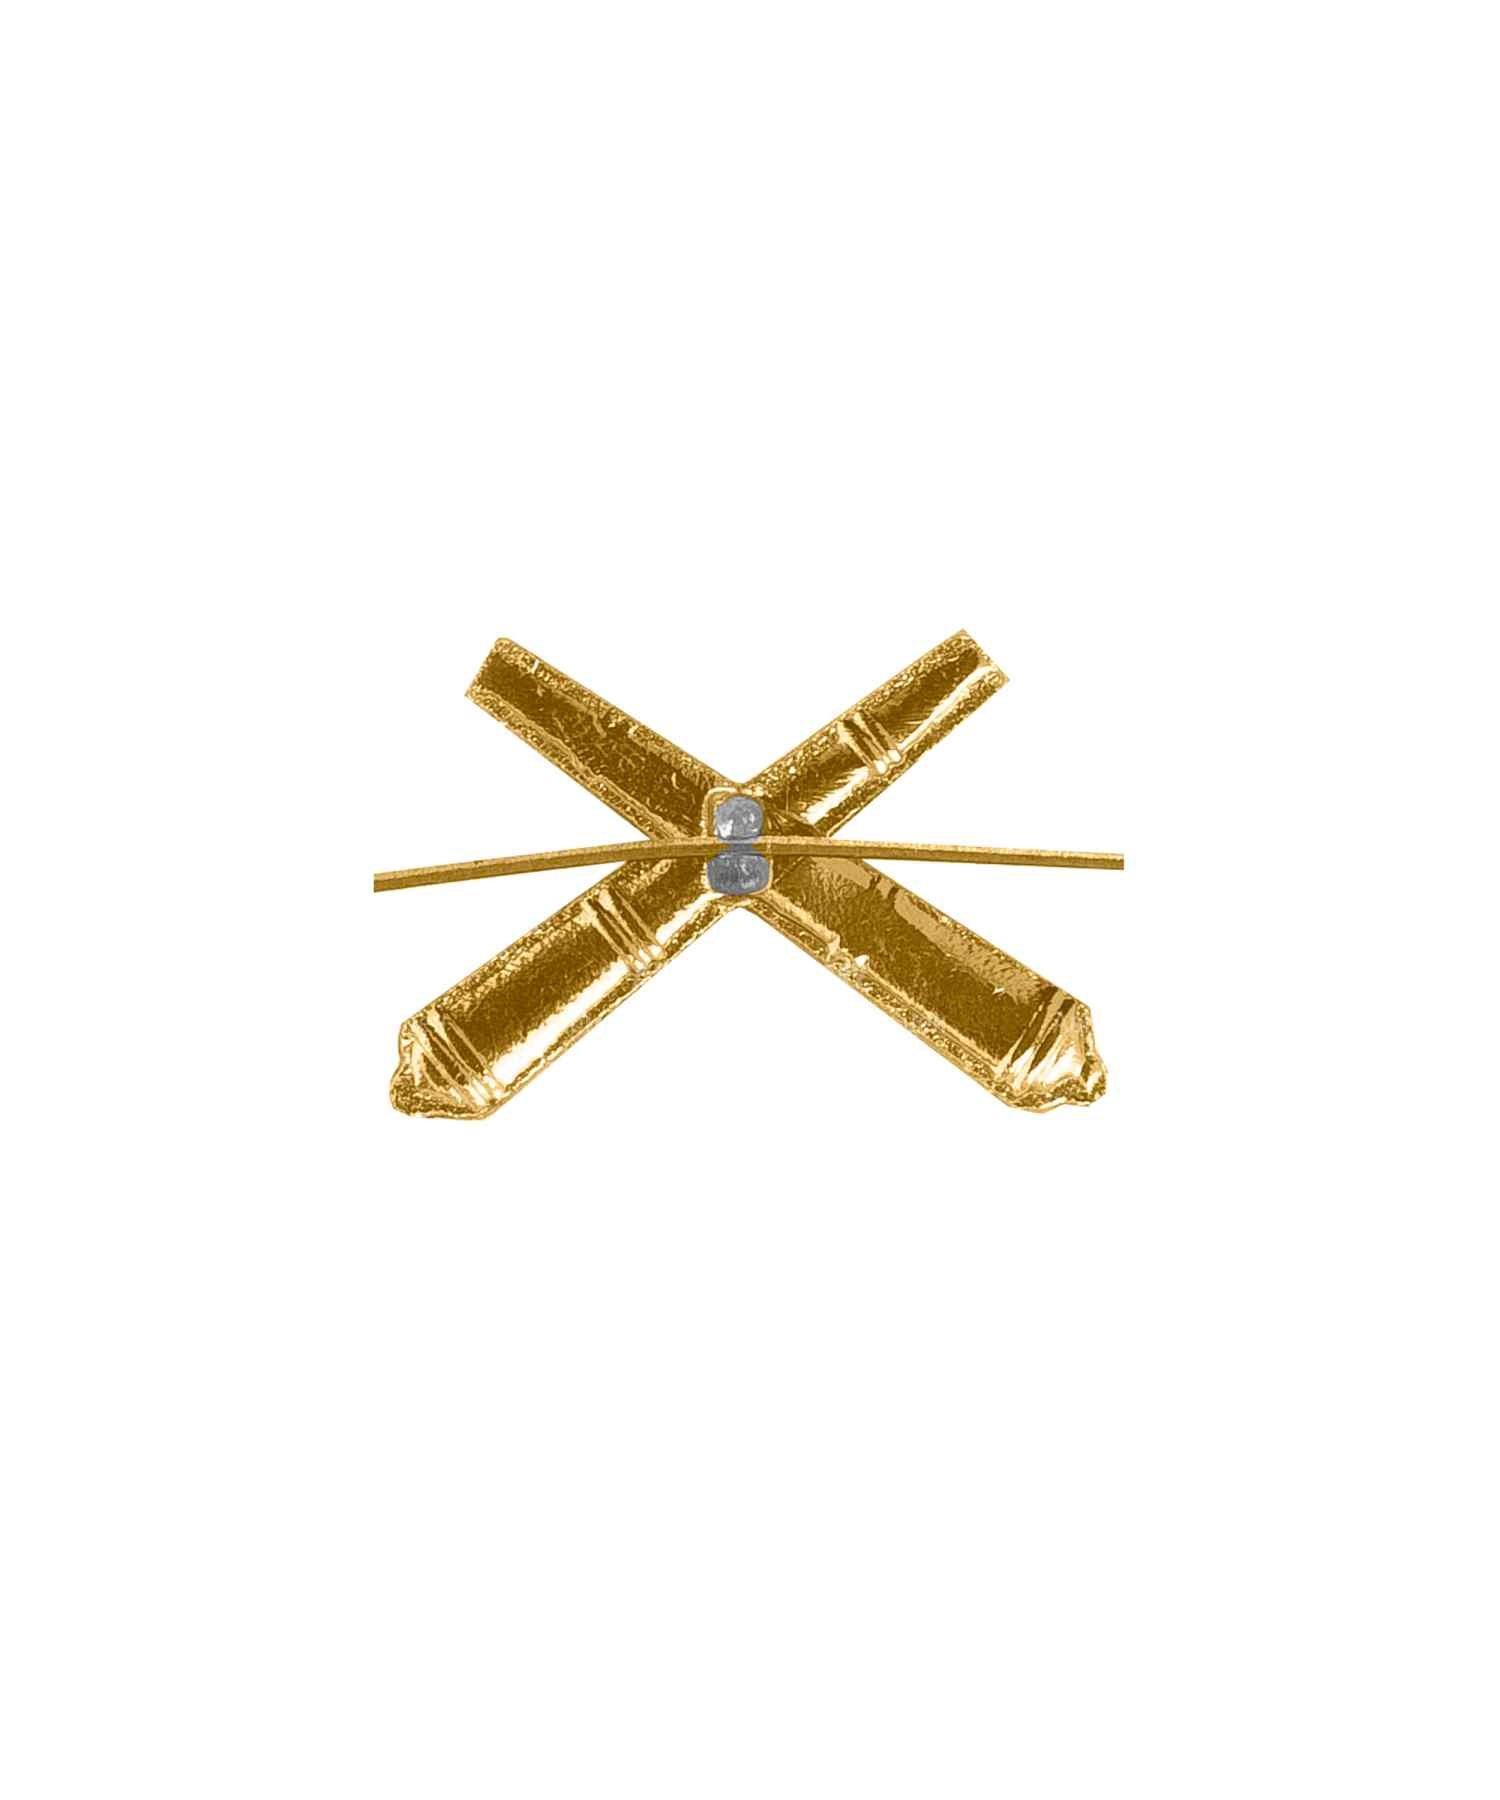 Эмблема артиллерии металлическая желтая